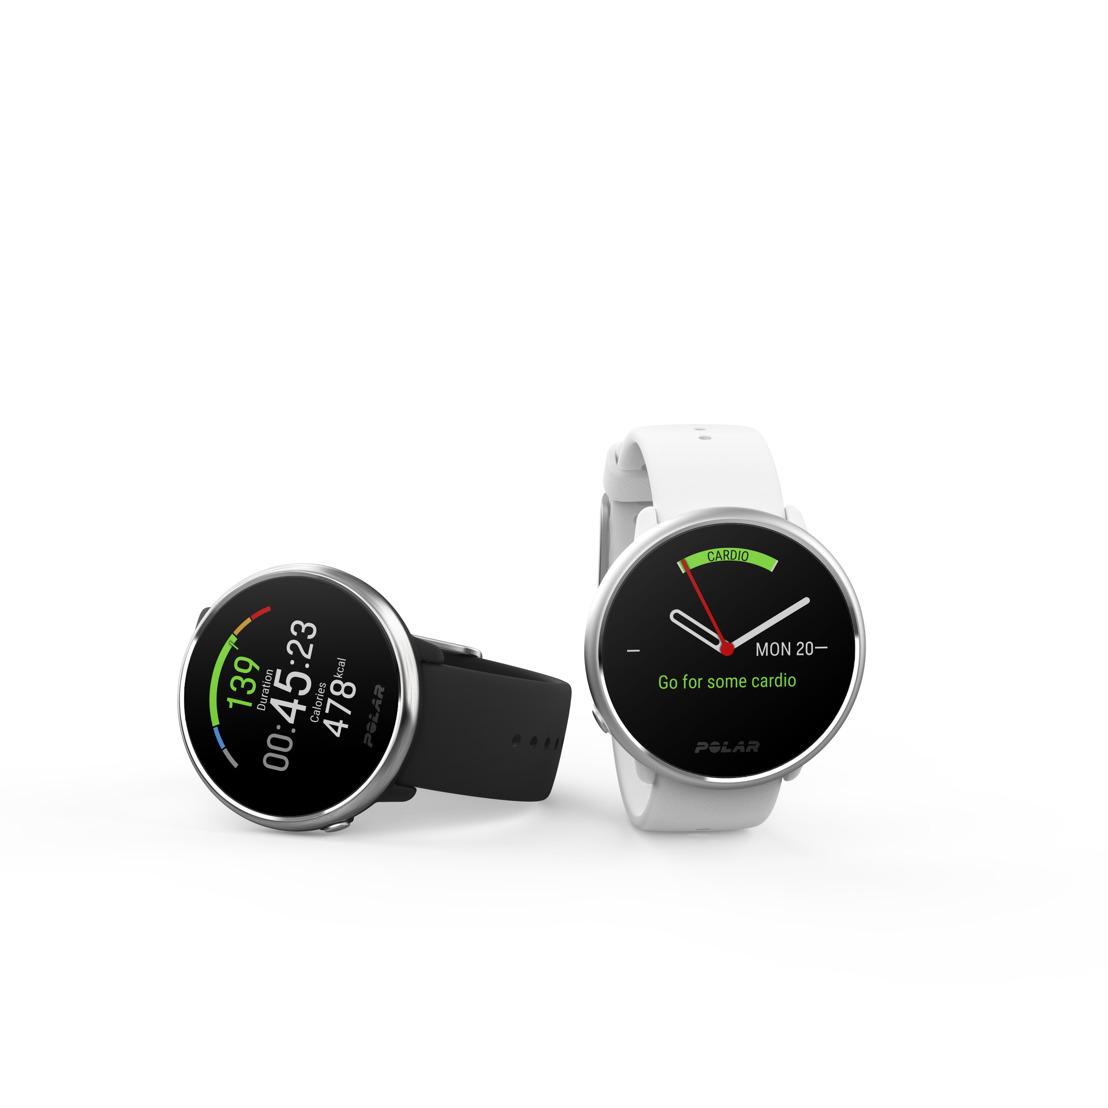 Réalisez votre objectif de fitness avec la nouvelle montre Polar Ignite